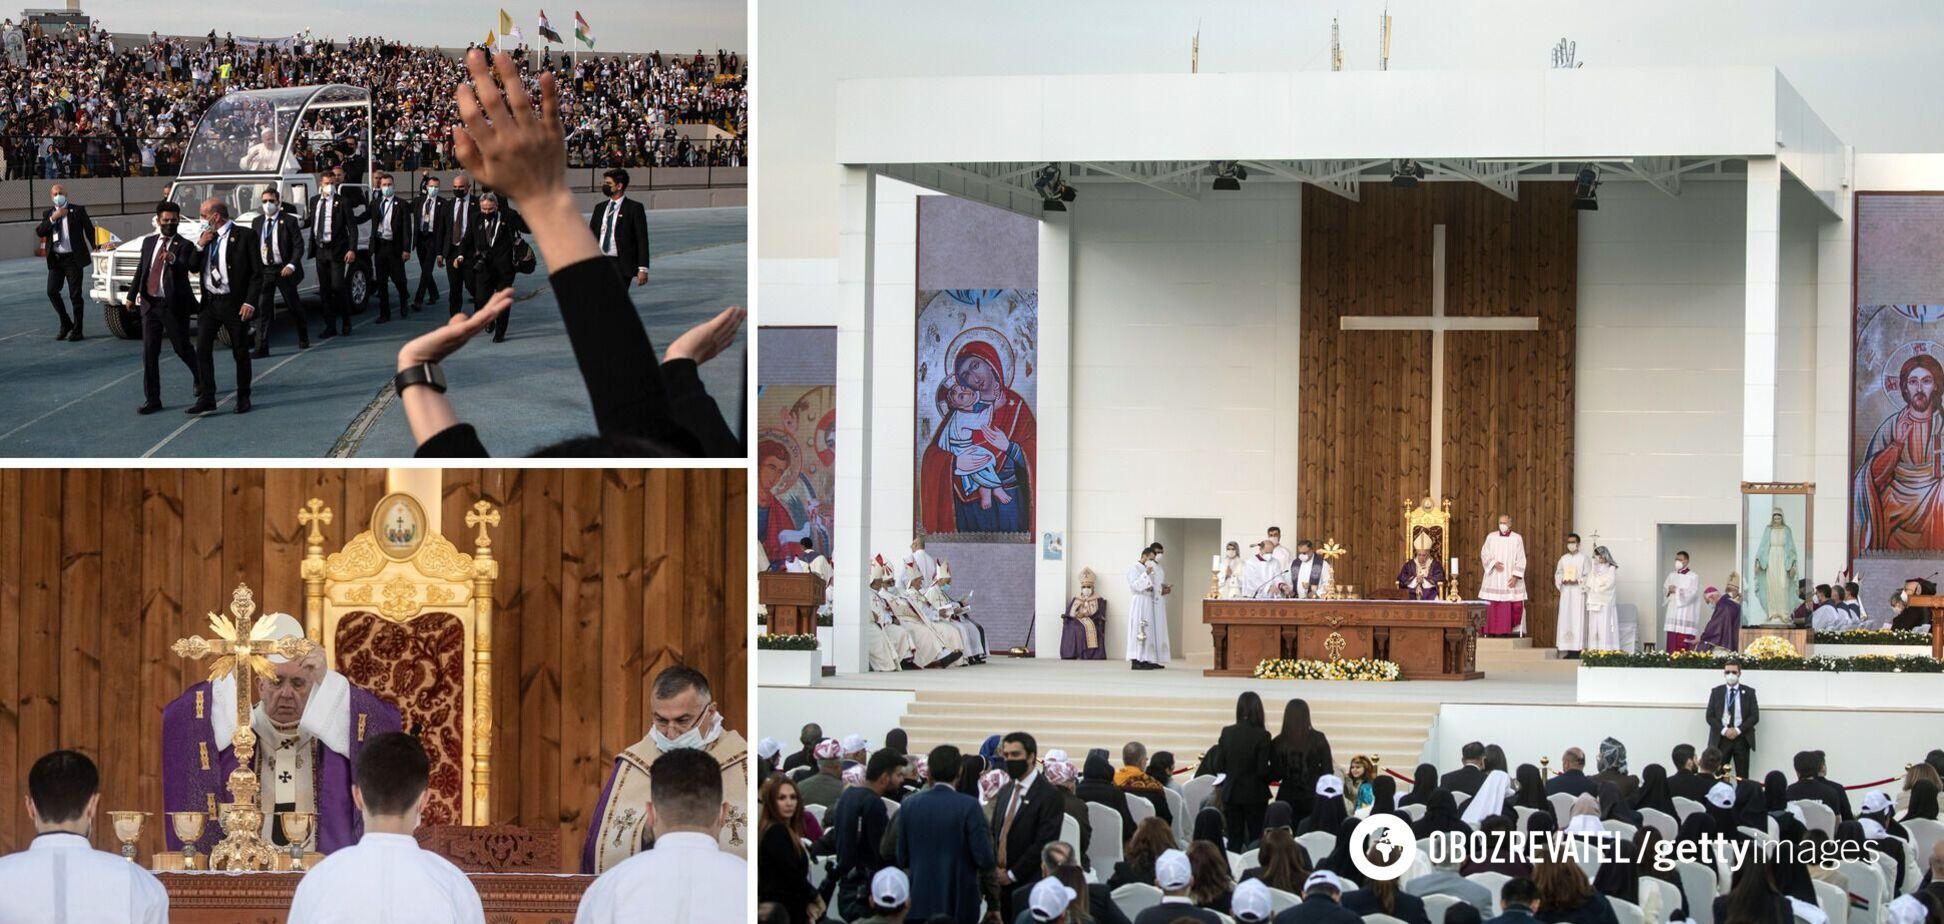 Папа Римський провів єдину масову месу на стадіоні в Іраку. Фото і відео